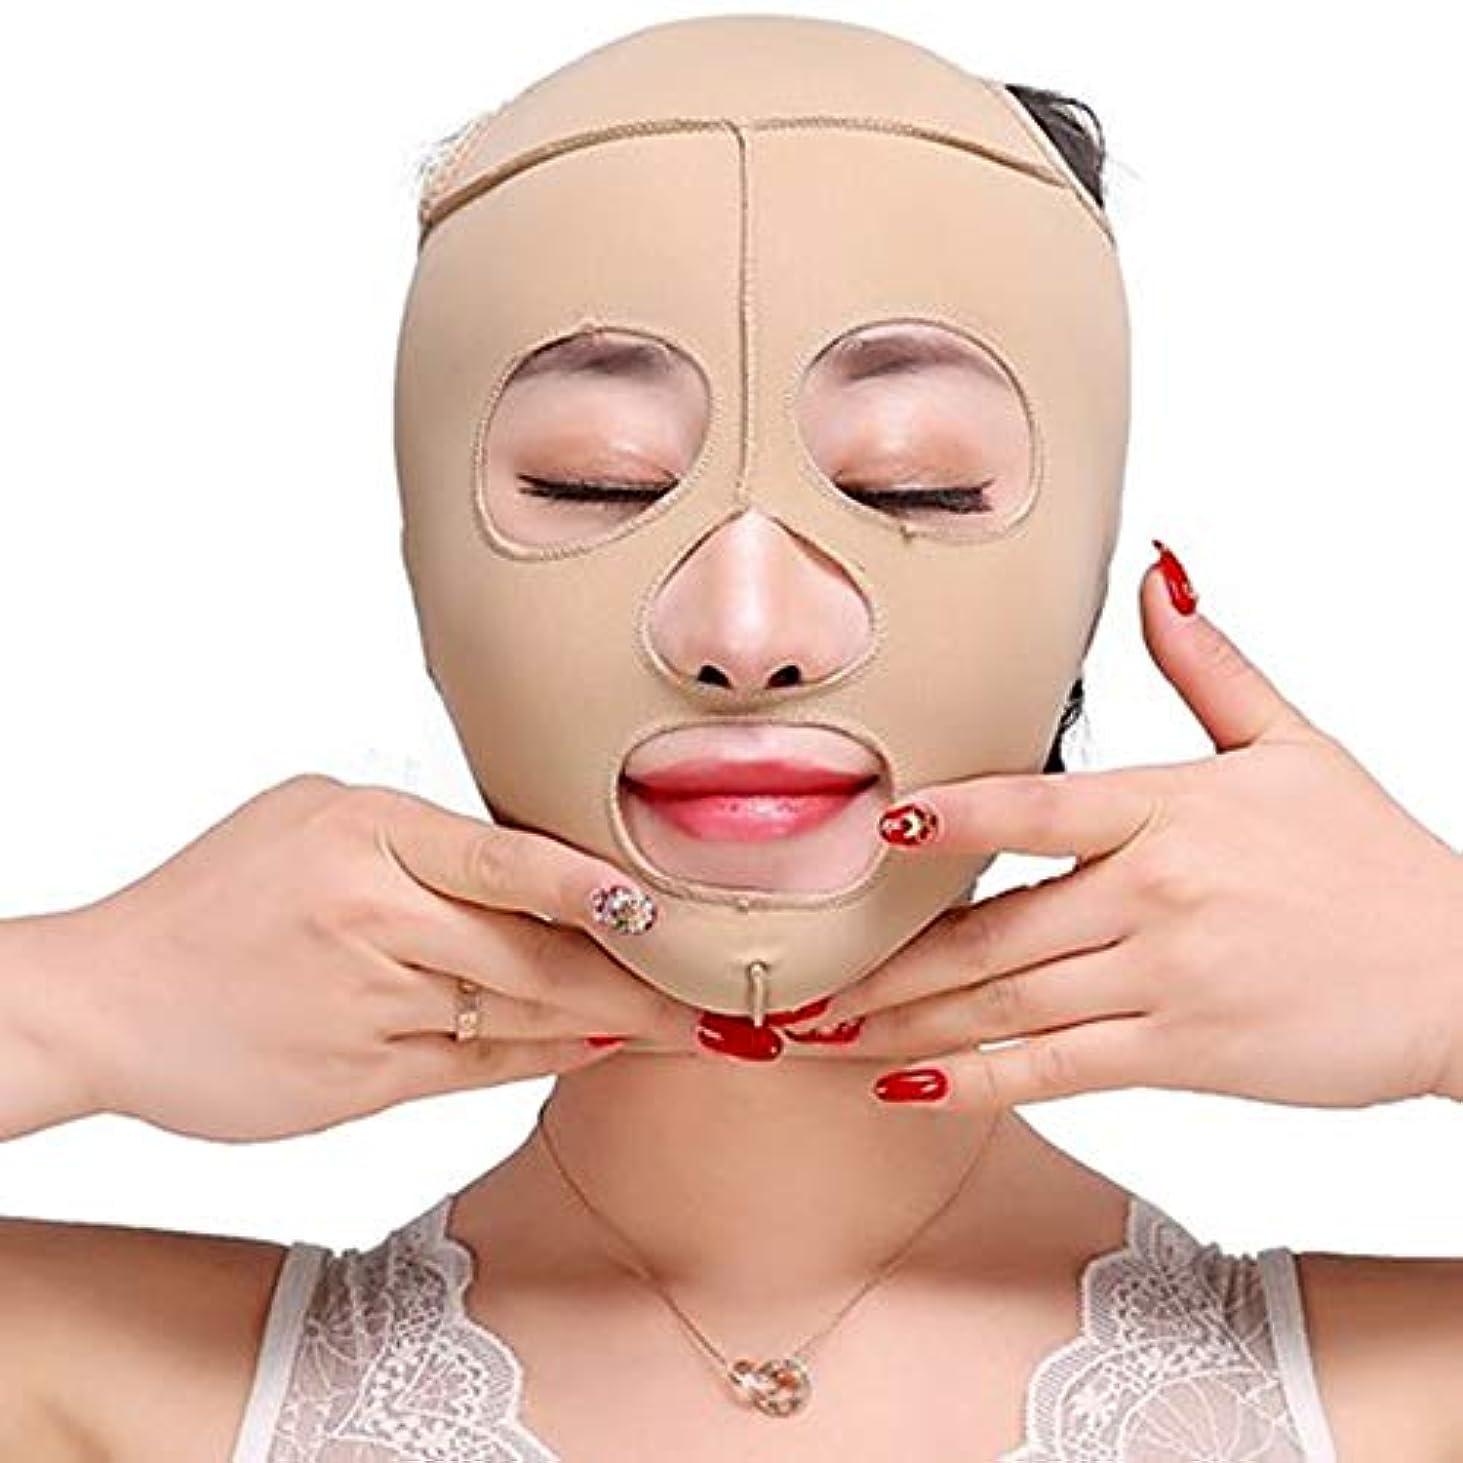 クライストチャーチ複製する個人的なVの顔のマスク、二重あごの薄い表面包帯が付いている顔の表面薄い表面 (Size : S)